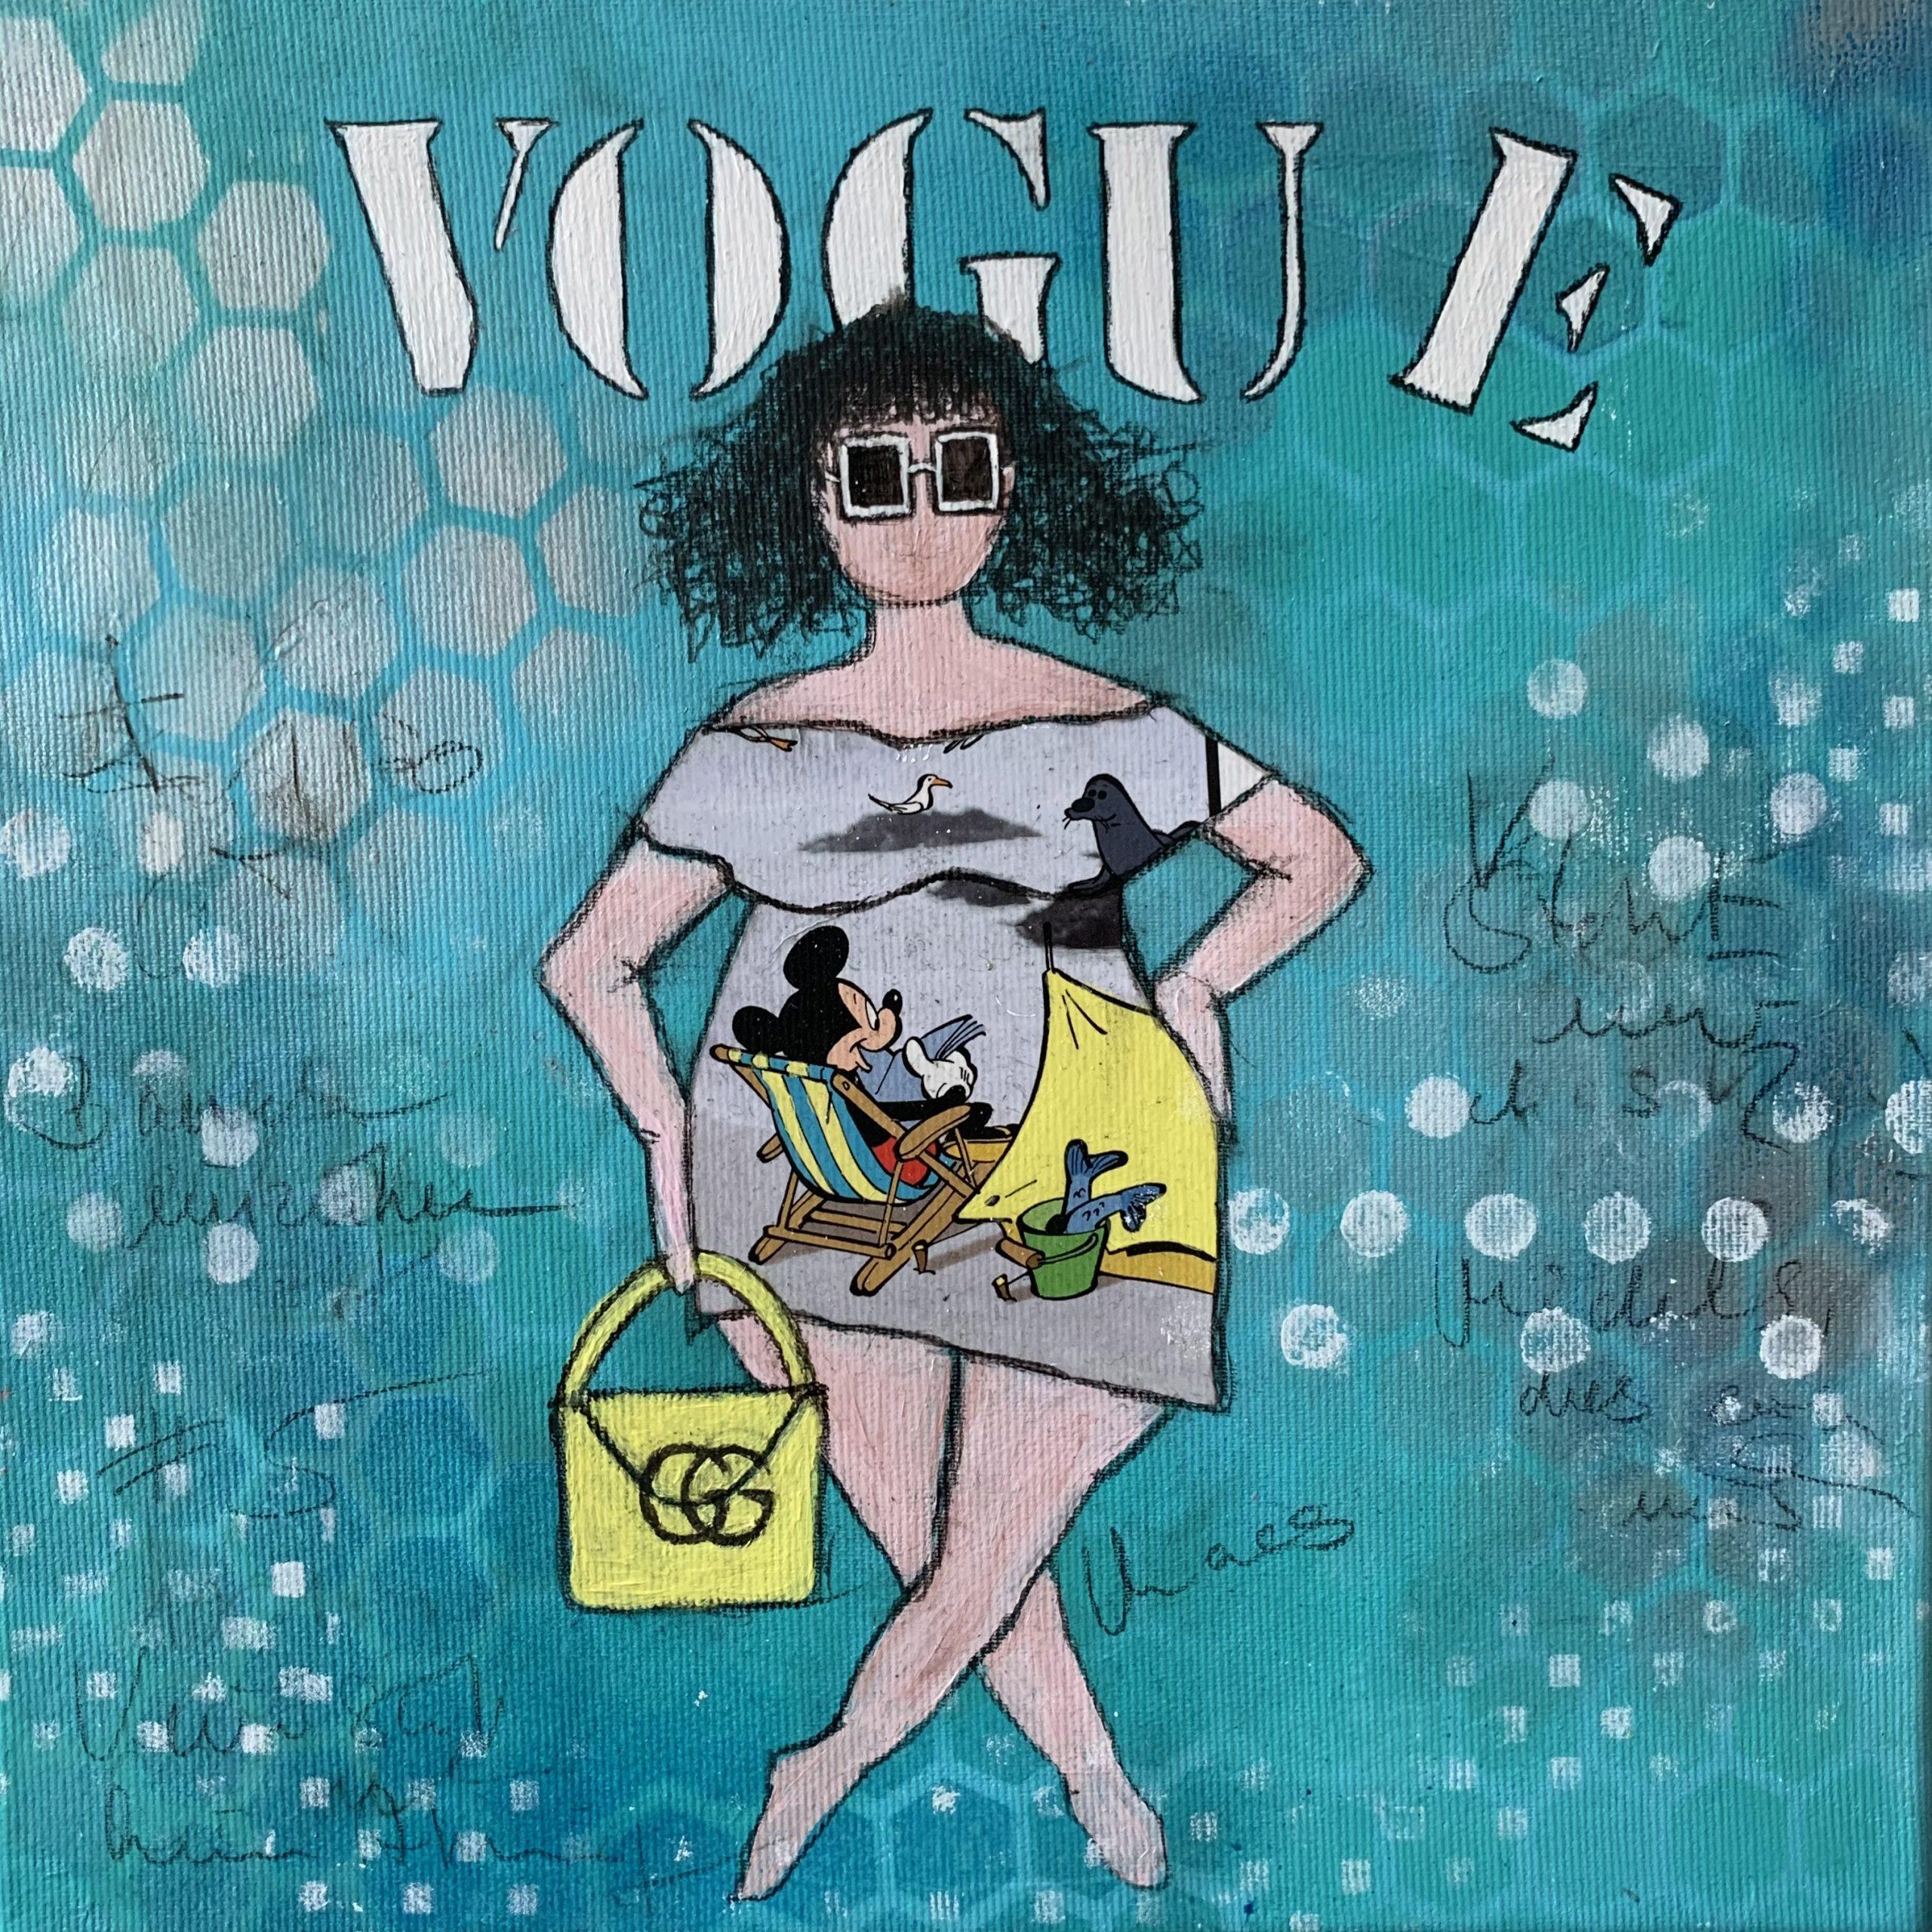 Vogue Part 4